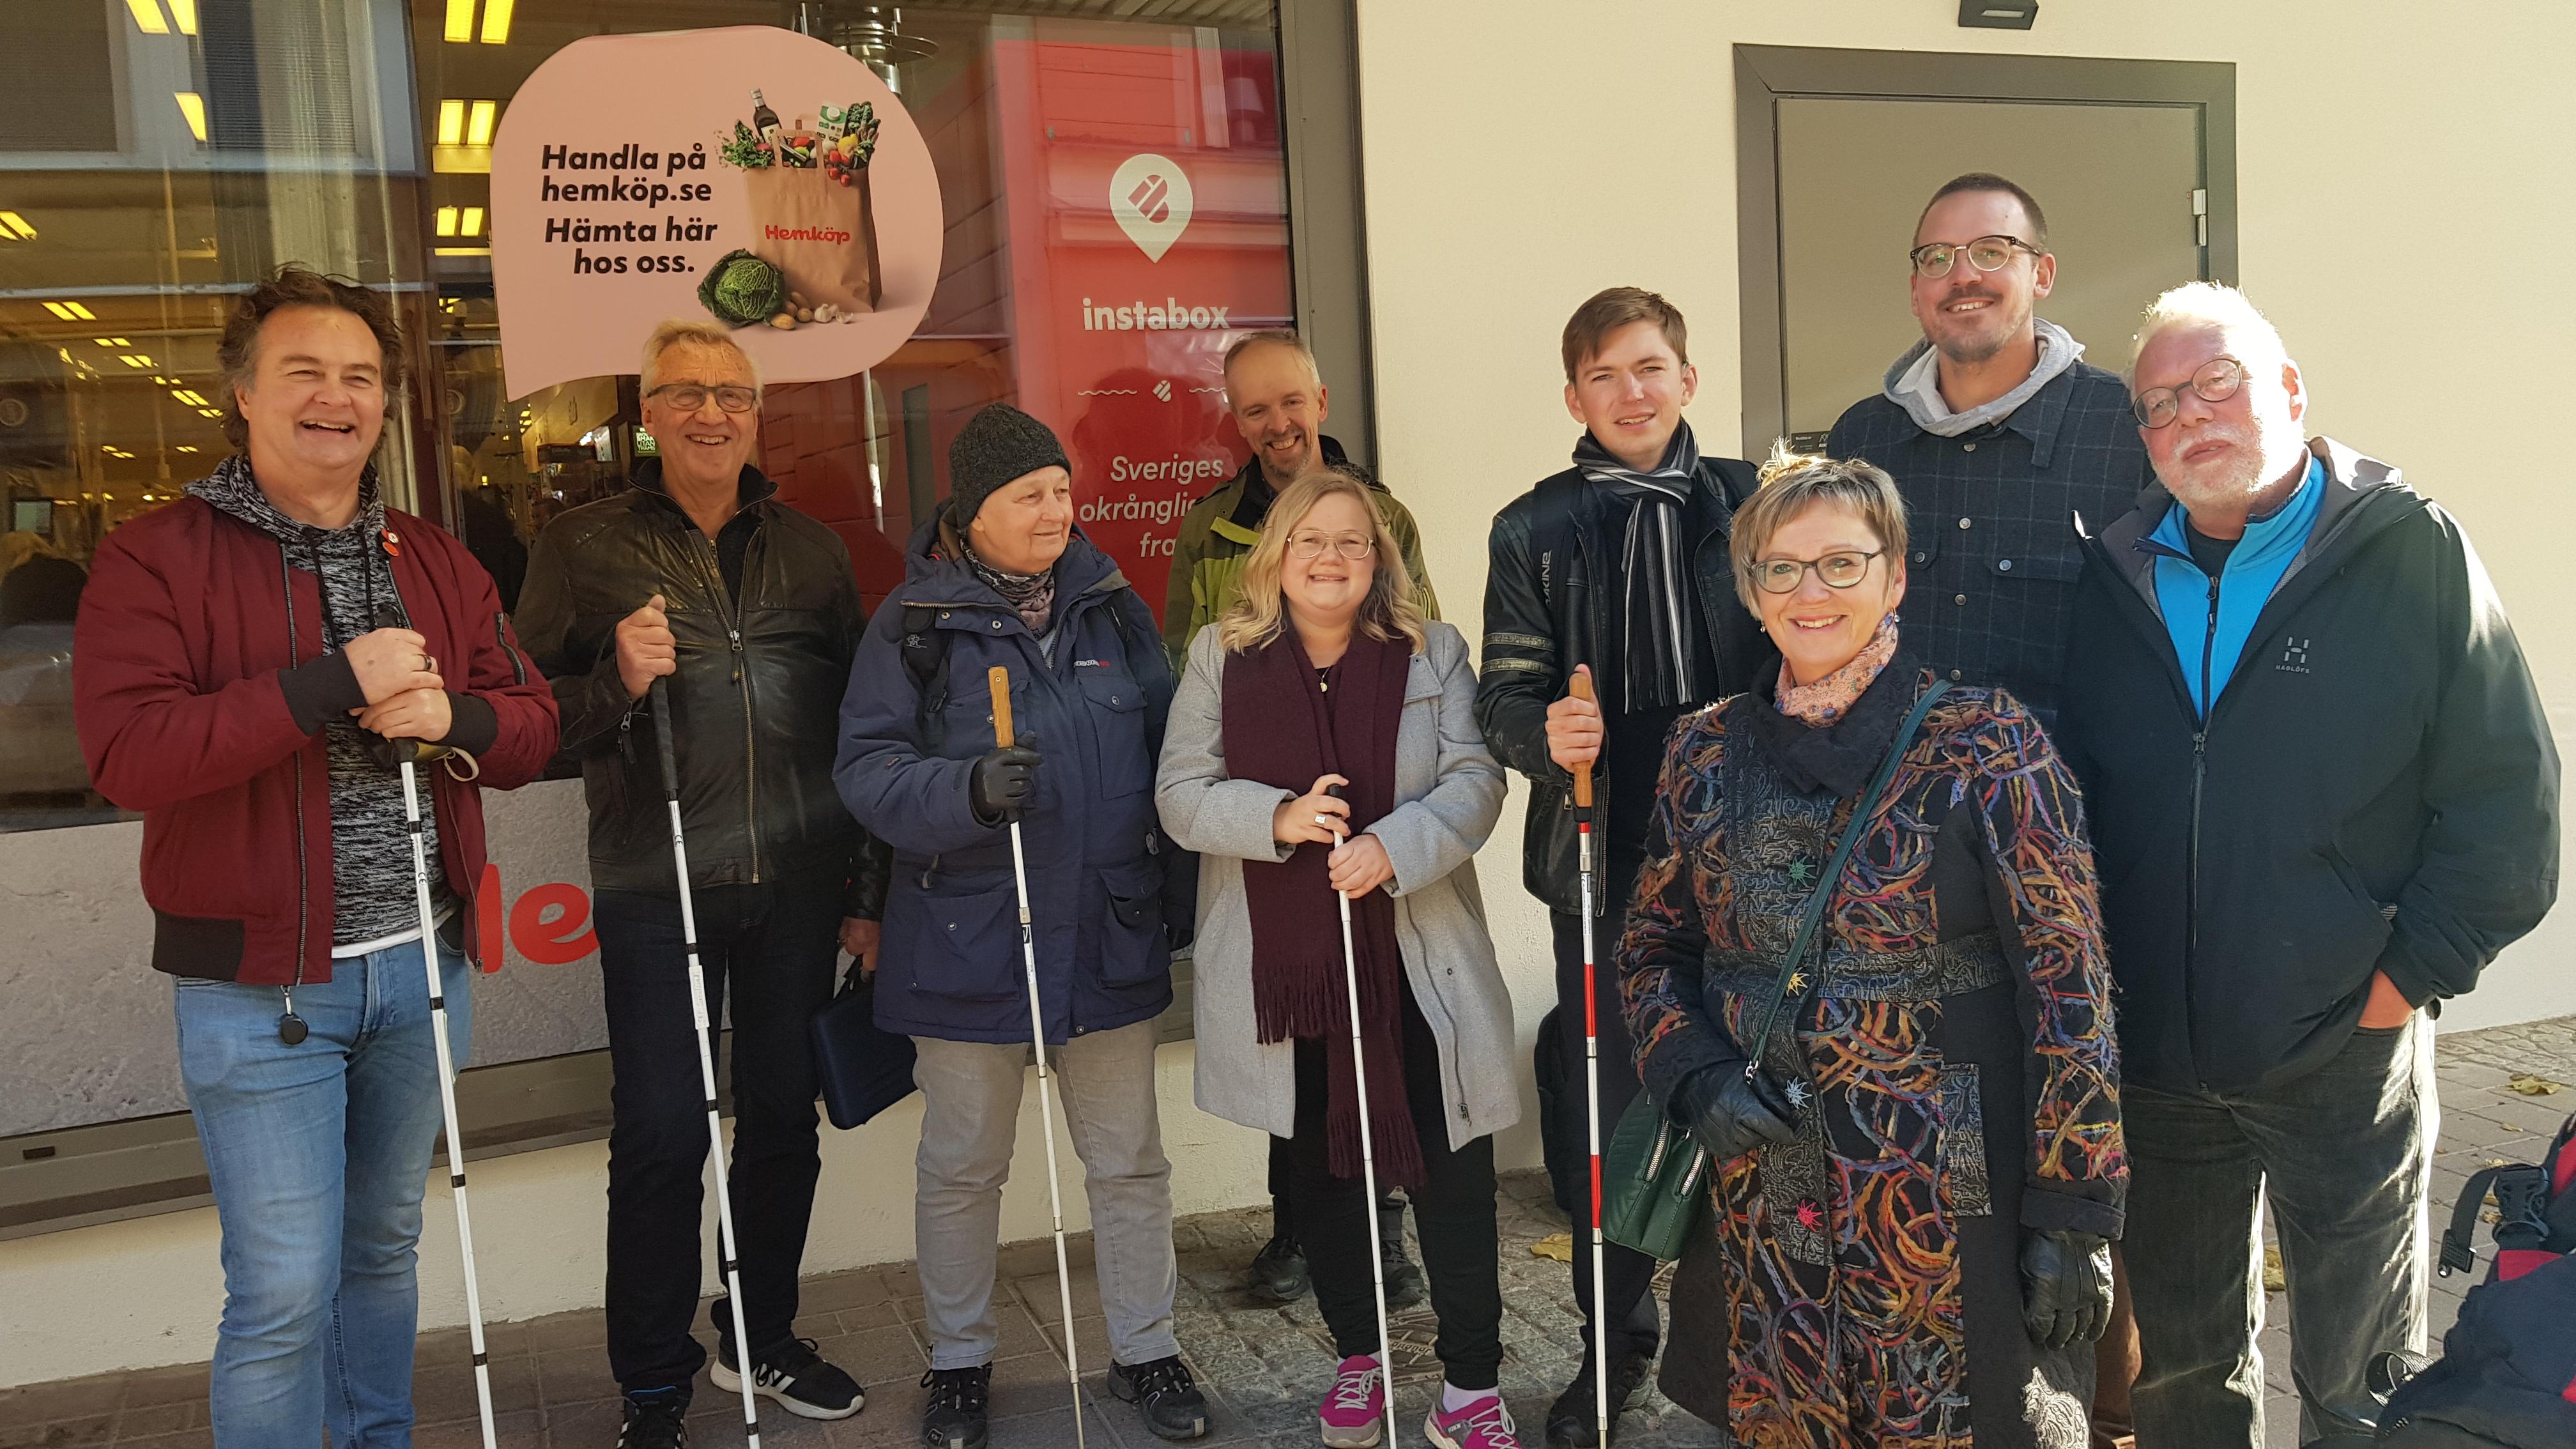 Frida har långt ljust hår och står omringad av politiker och SRF:are utanför Hemköp i Härnösand